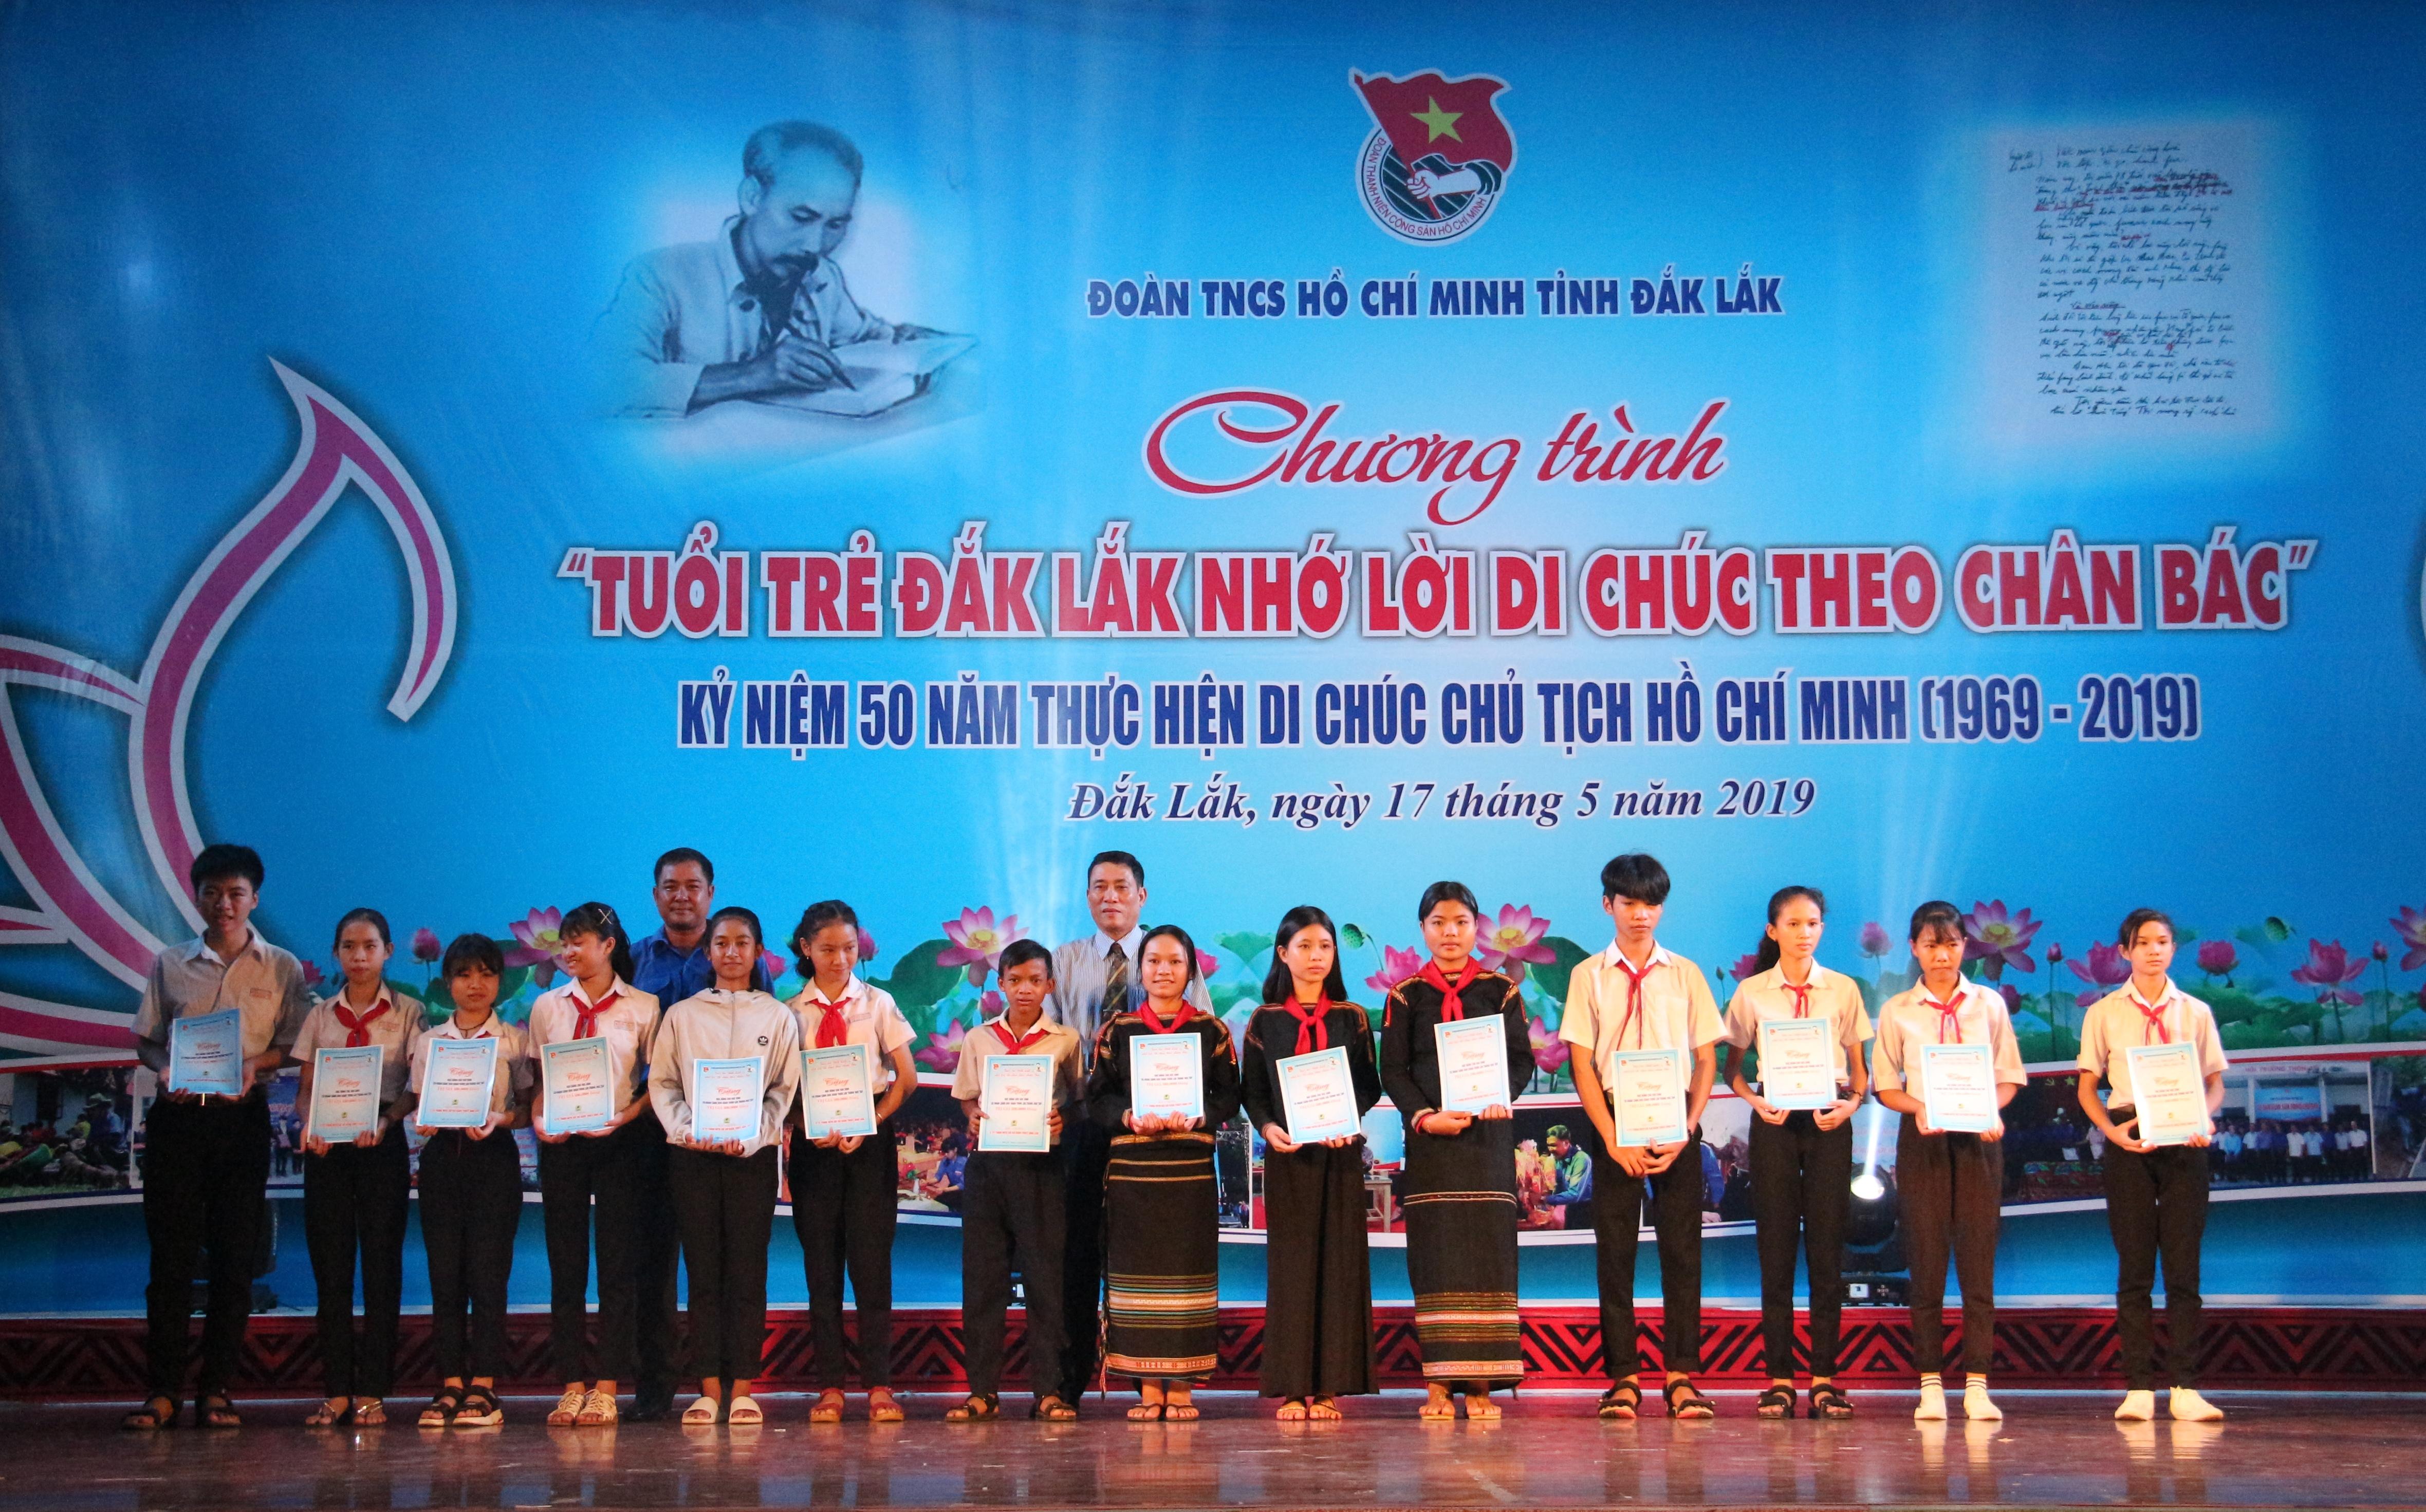 Tuổi trẻ Đắk Lắk nhớ lời Di chúc theo chân Bác